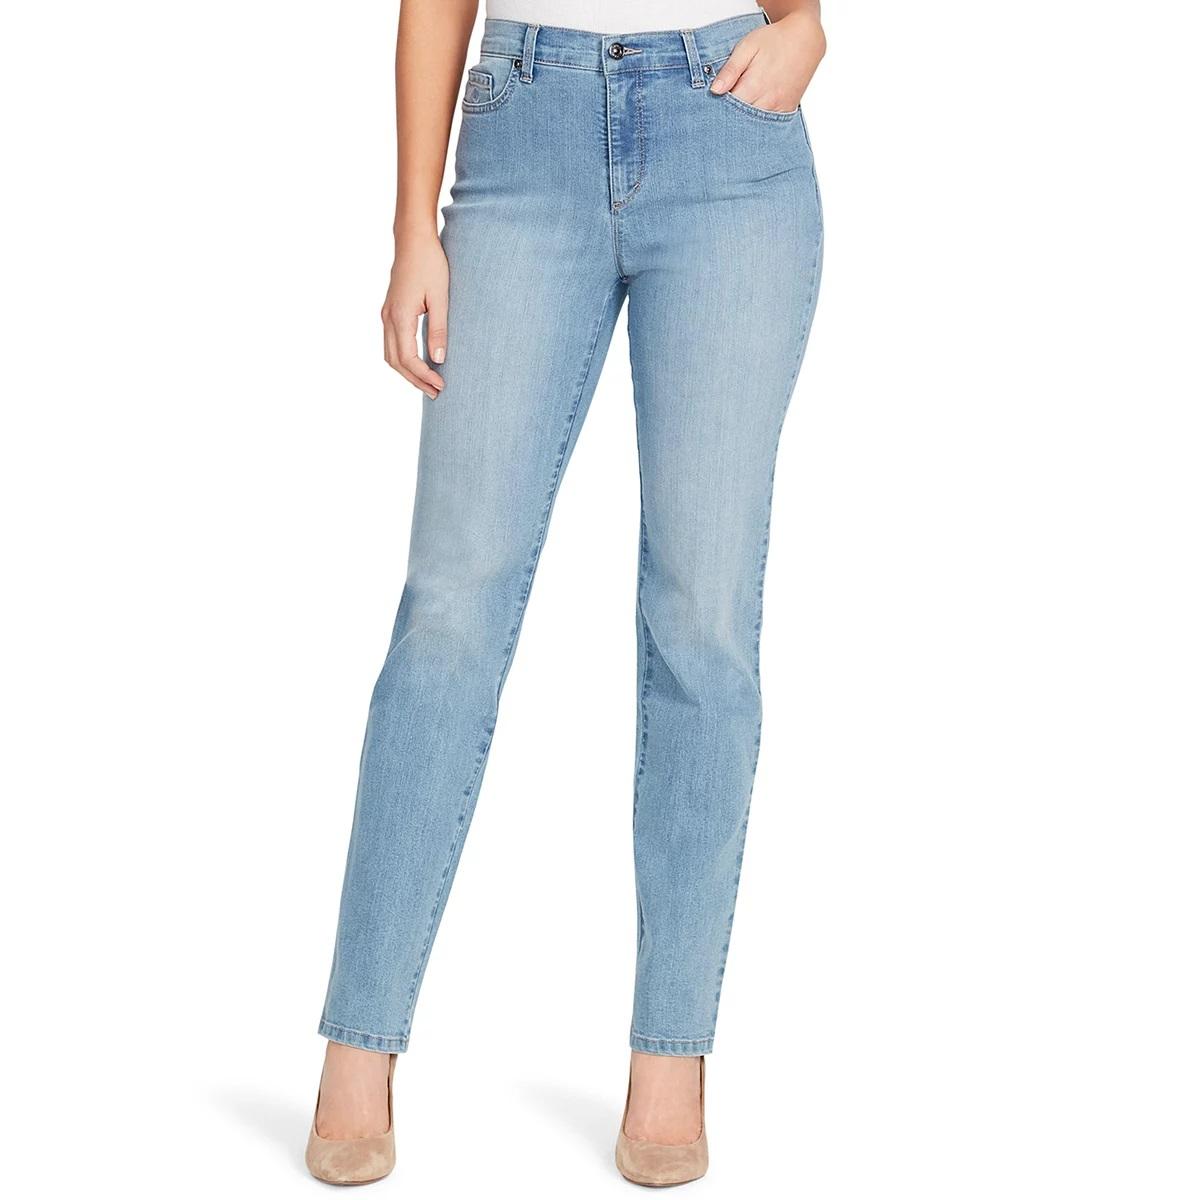 Gloria Vanderbilt Ladies Denim Average Length Jeans - Callisto Wash 6